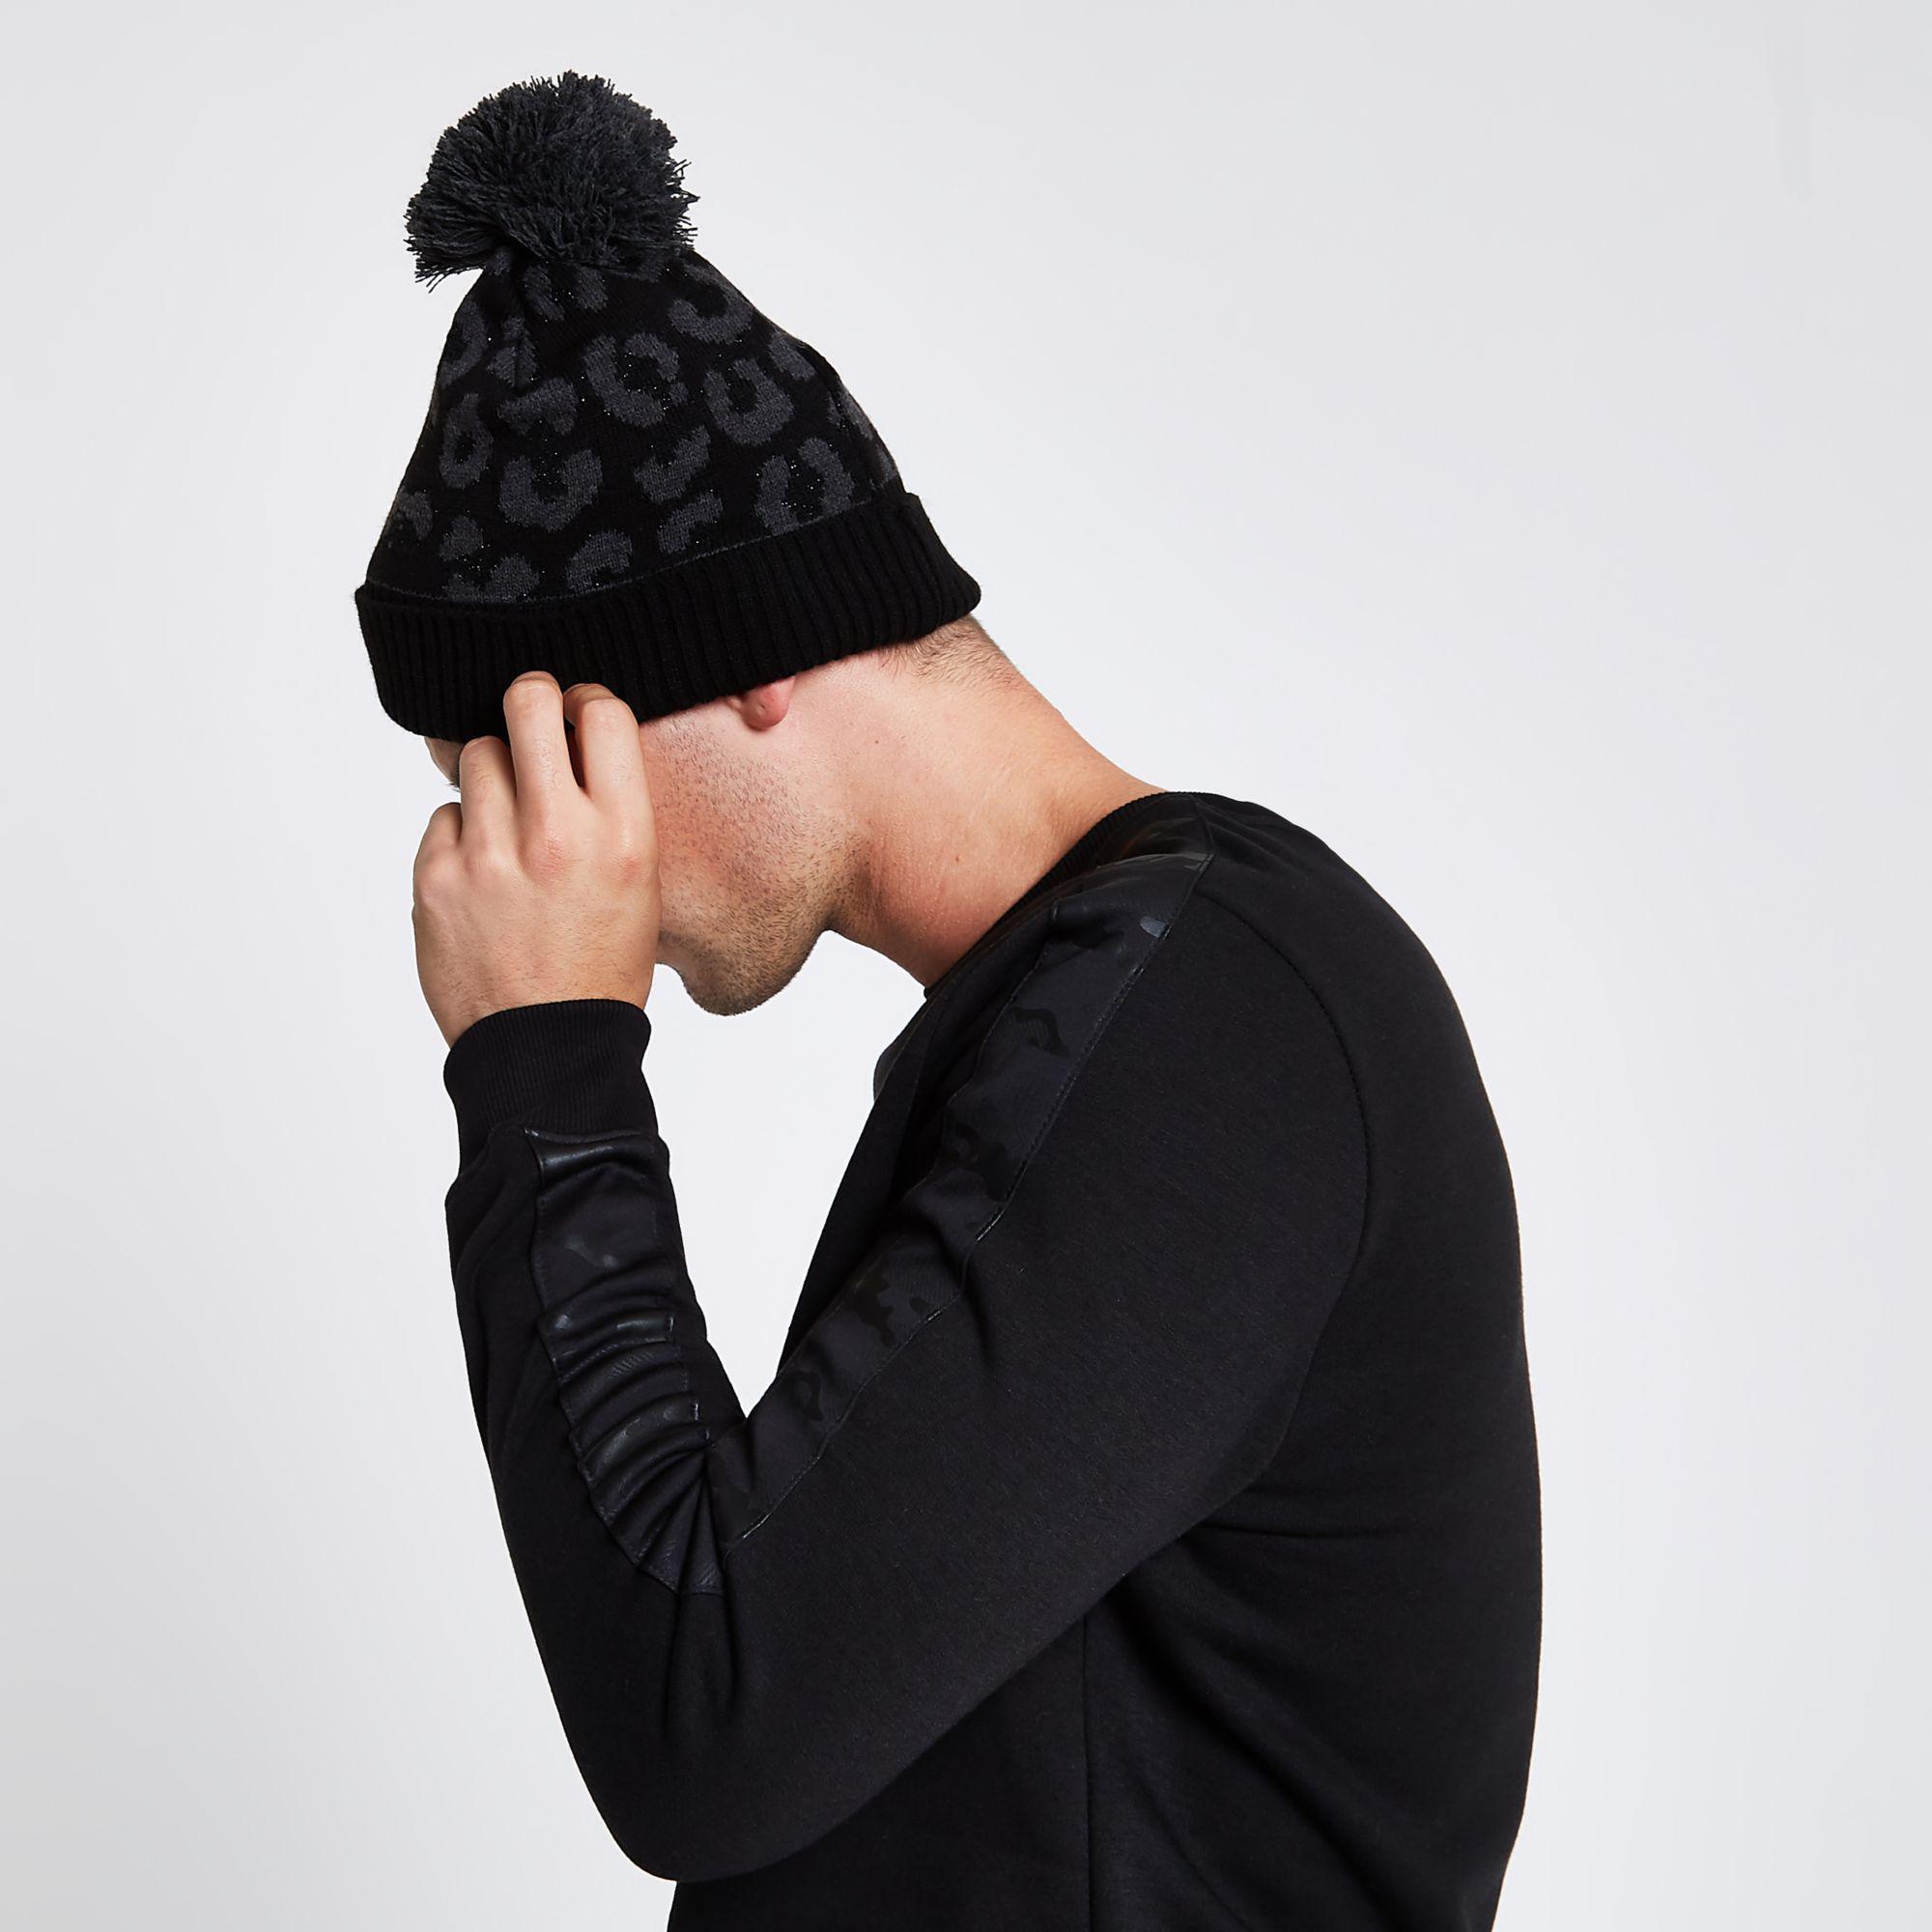 f04bb6f992f River Island - Black Leopard Print Bobble Beanie Hat for Men - Lyst. View  fullscreen